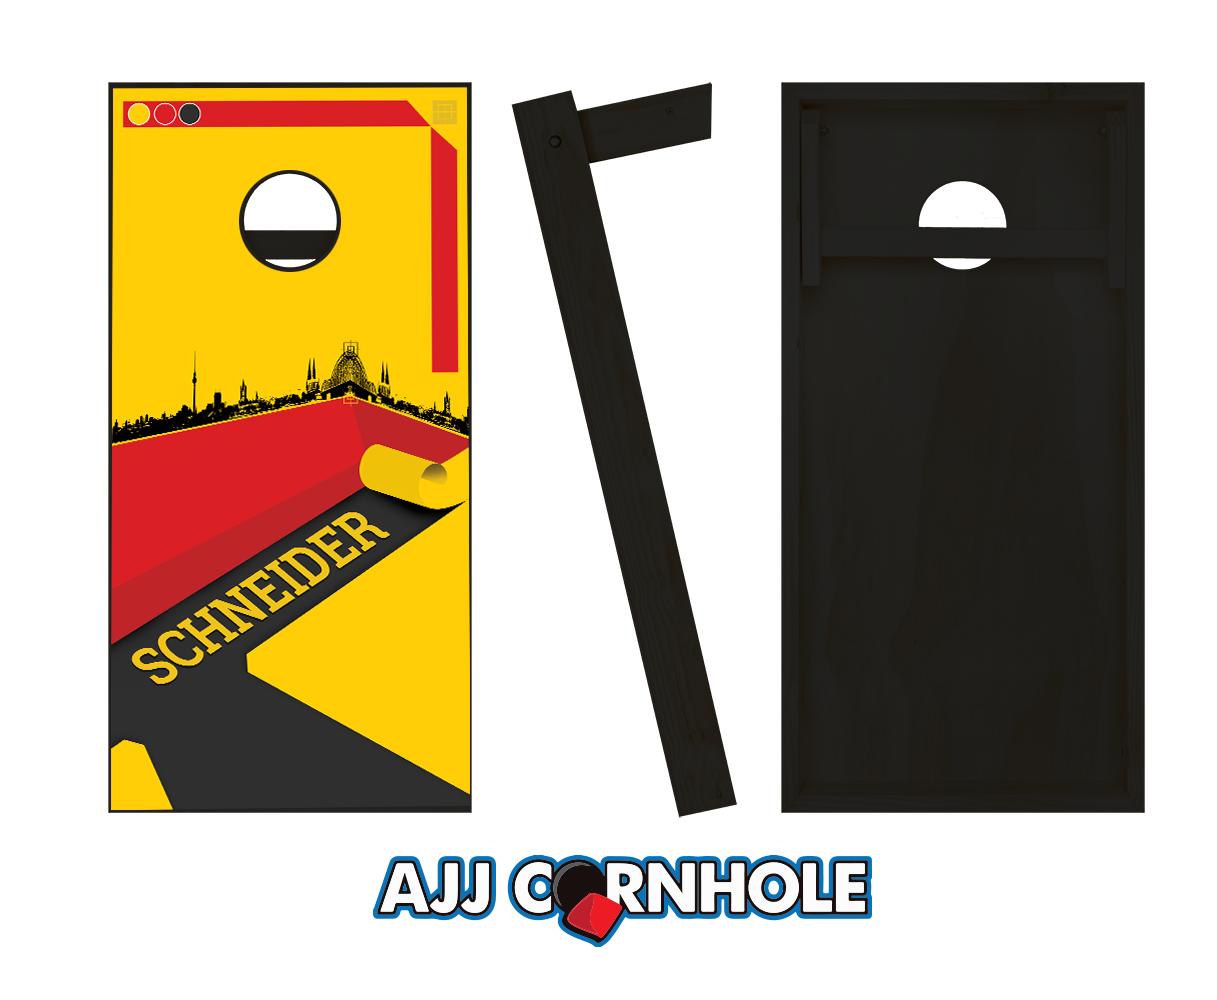 1217x1000 German Surname Cornhole Set